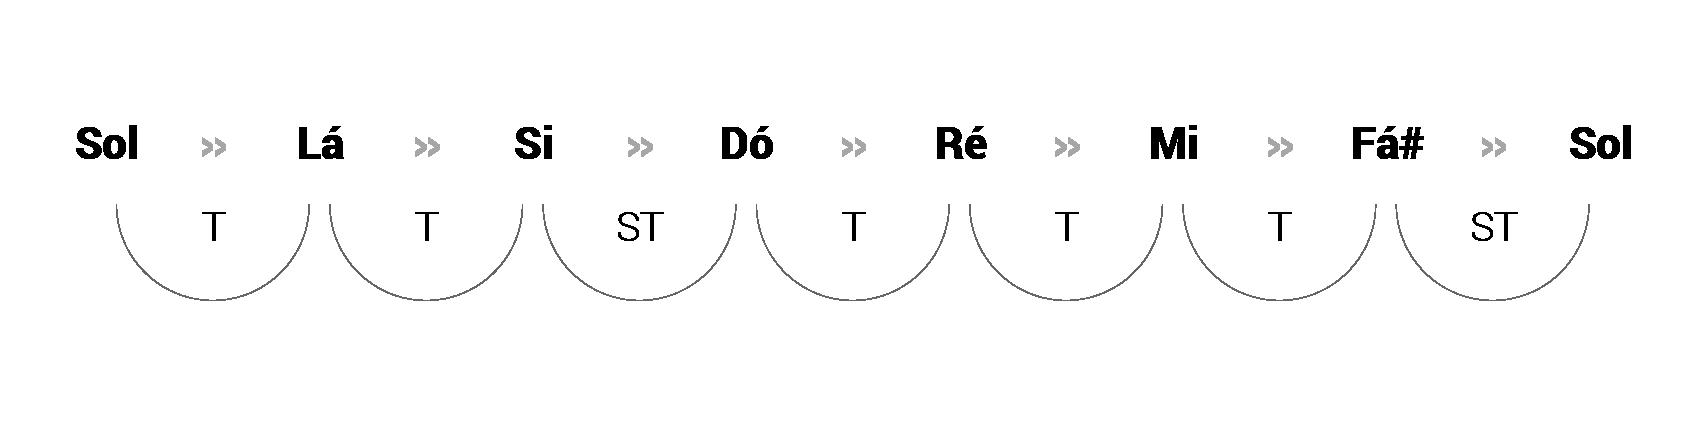 Modos Gregos: Tons e semitons da escala maior (Tônica: Sol)